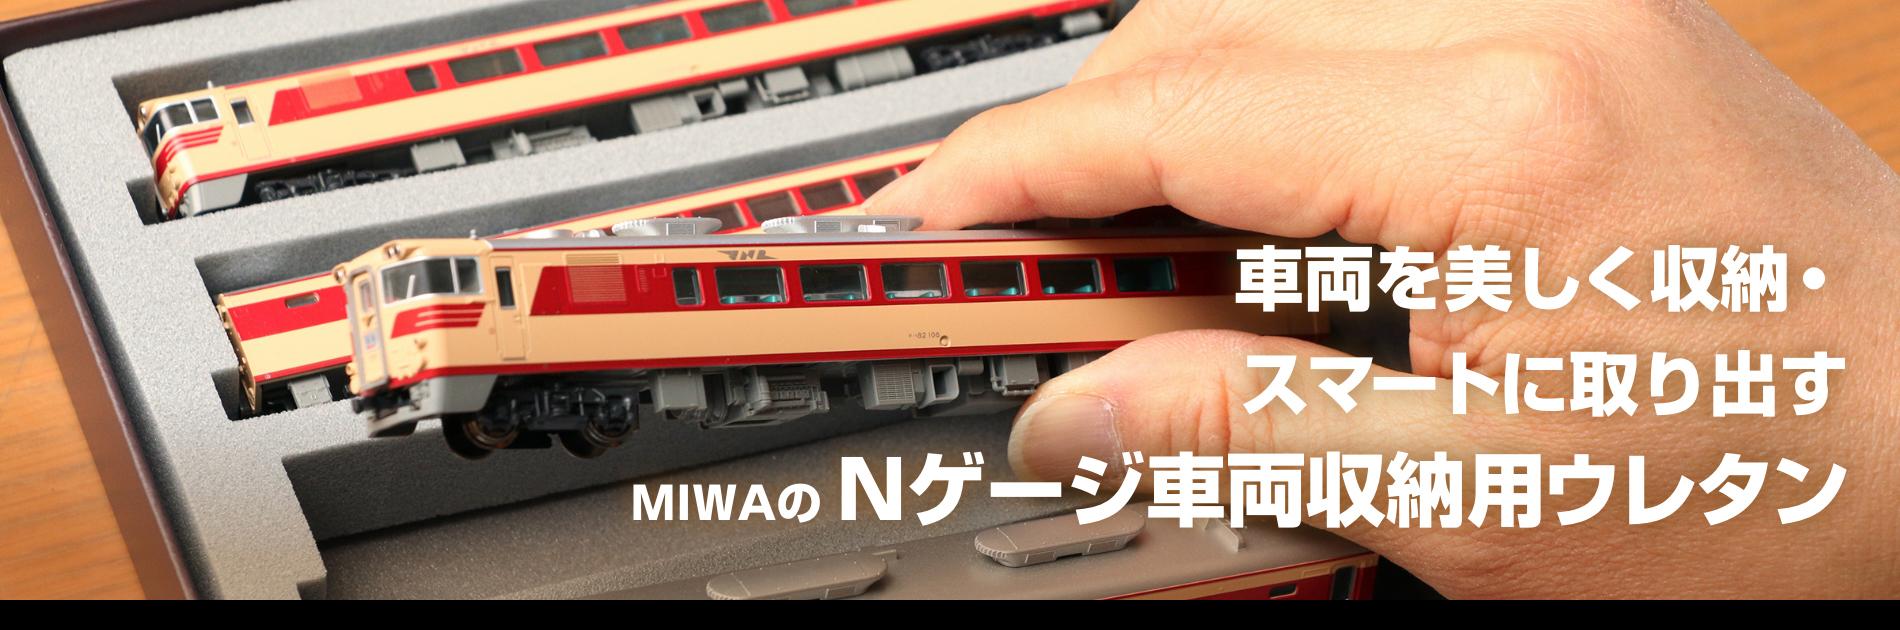 車両を美しく収納・スマートに取り出す MIWAのNゲージ車両収納用ウレタン